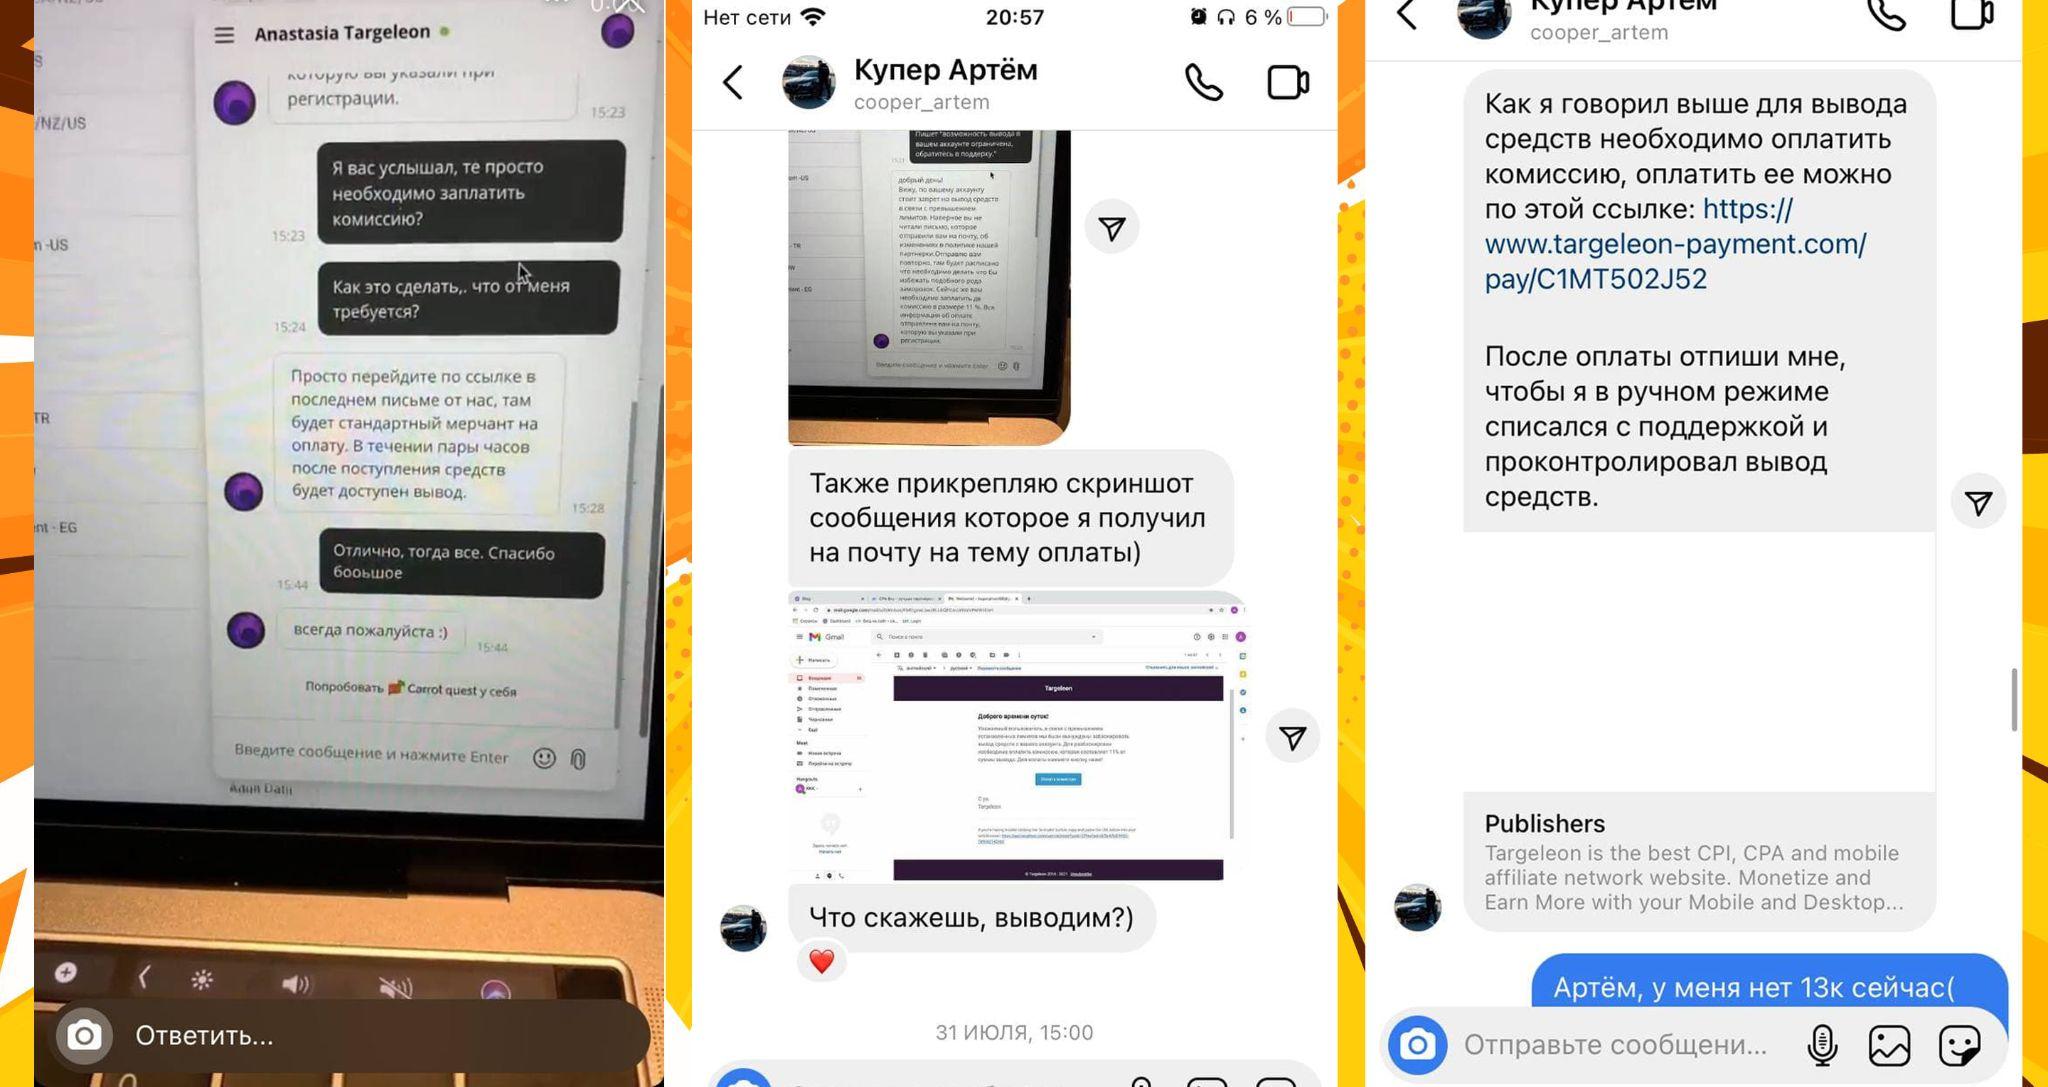 Осторожно, scam! Как мошенники зарабатывают 90+ тыс. рублей на арбитраже, даже не занимаясь им